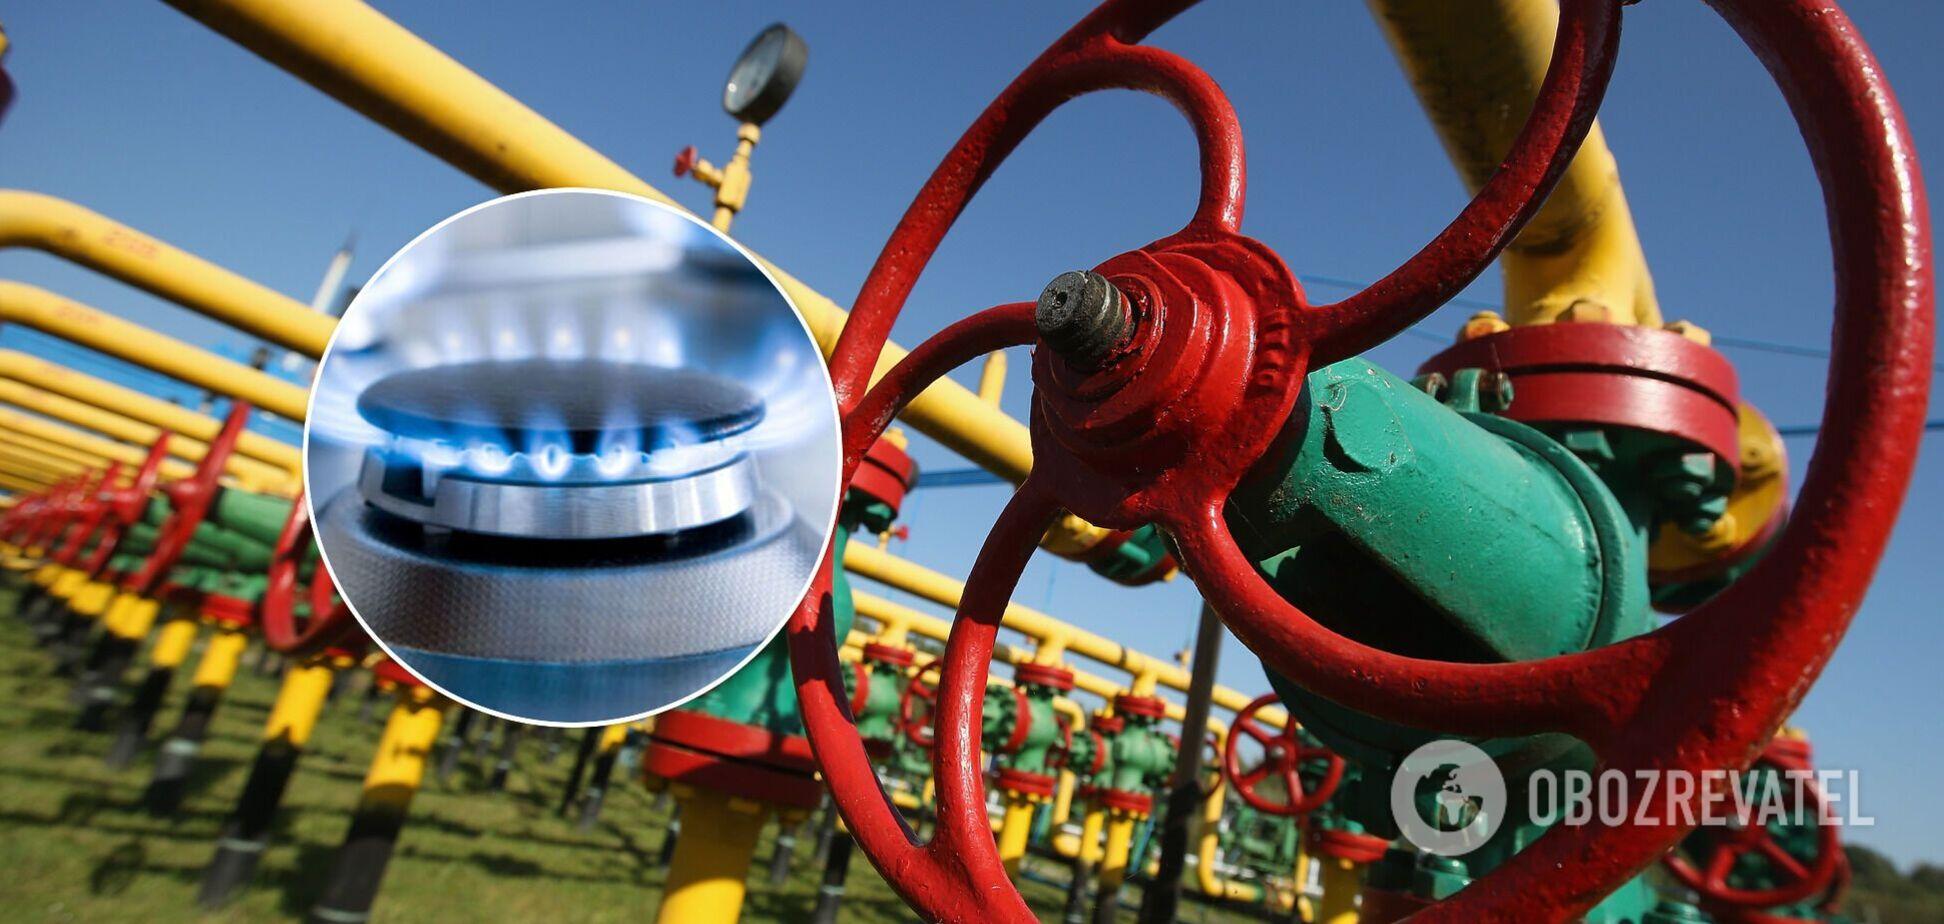 Сколько будет стоить газ в отопительный сезон: эксперт озвучил прогноз